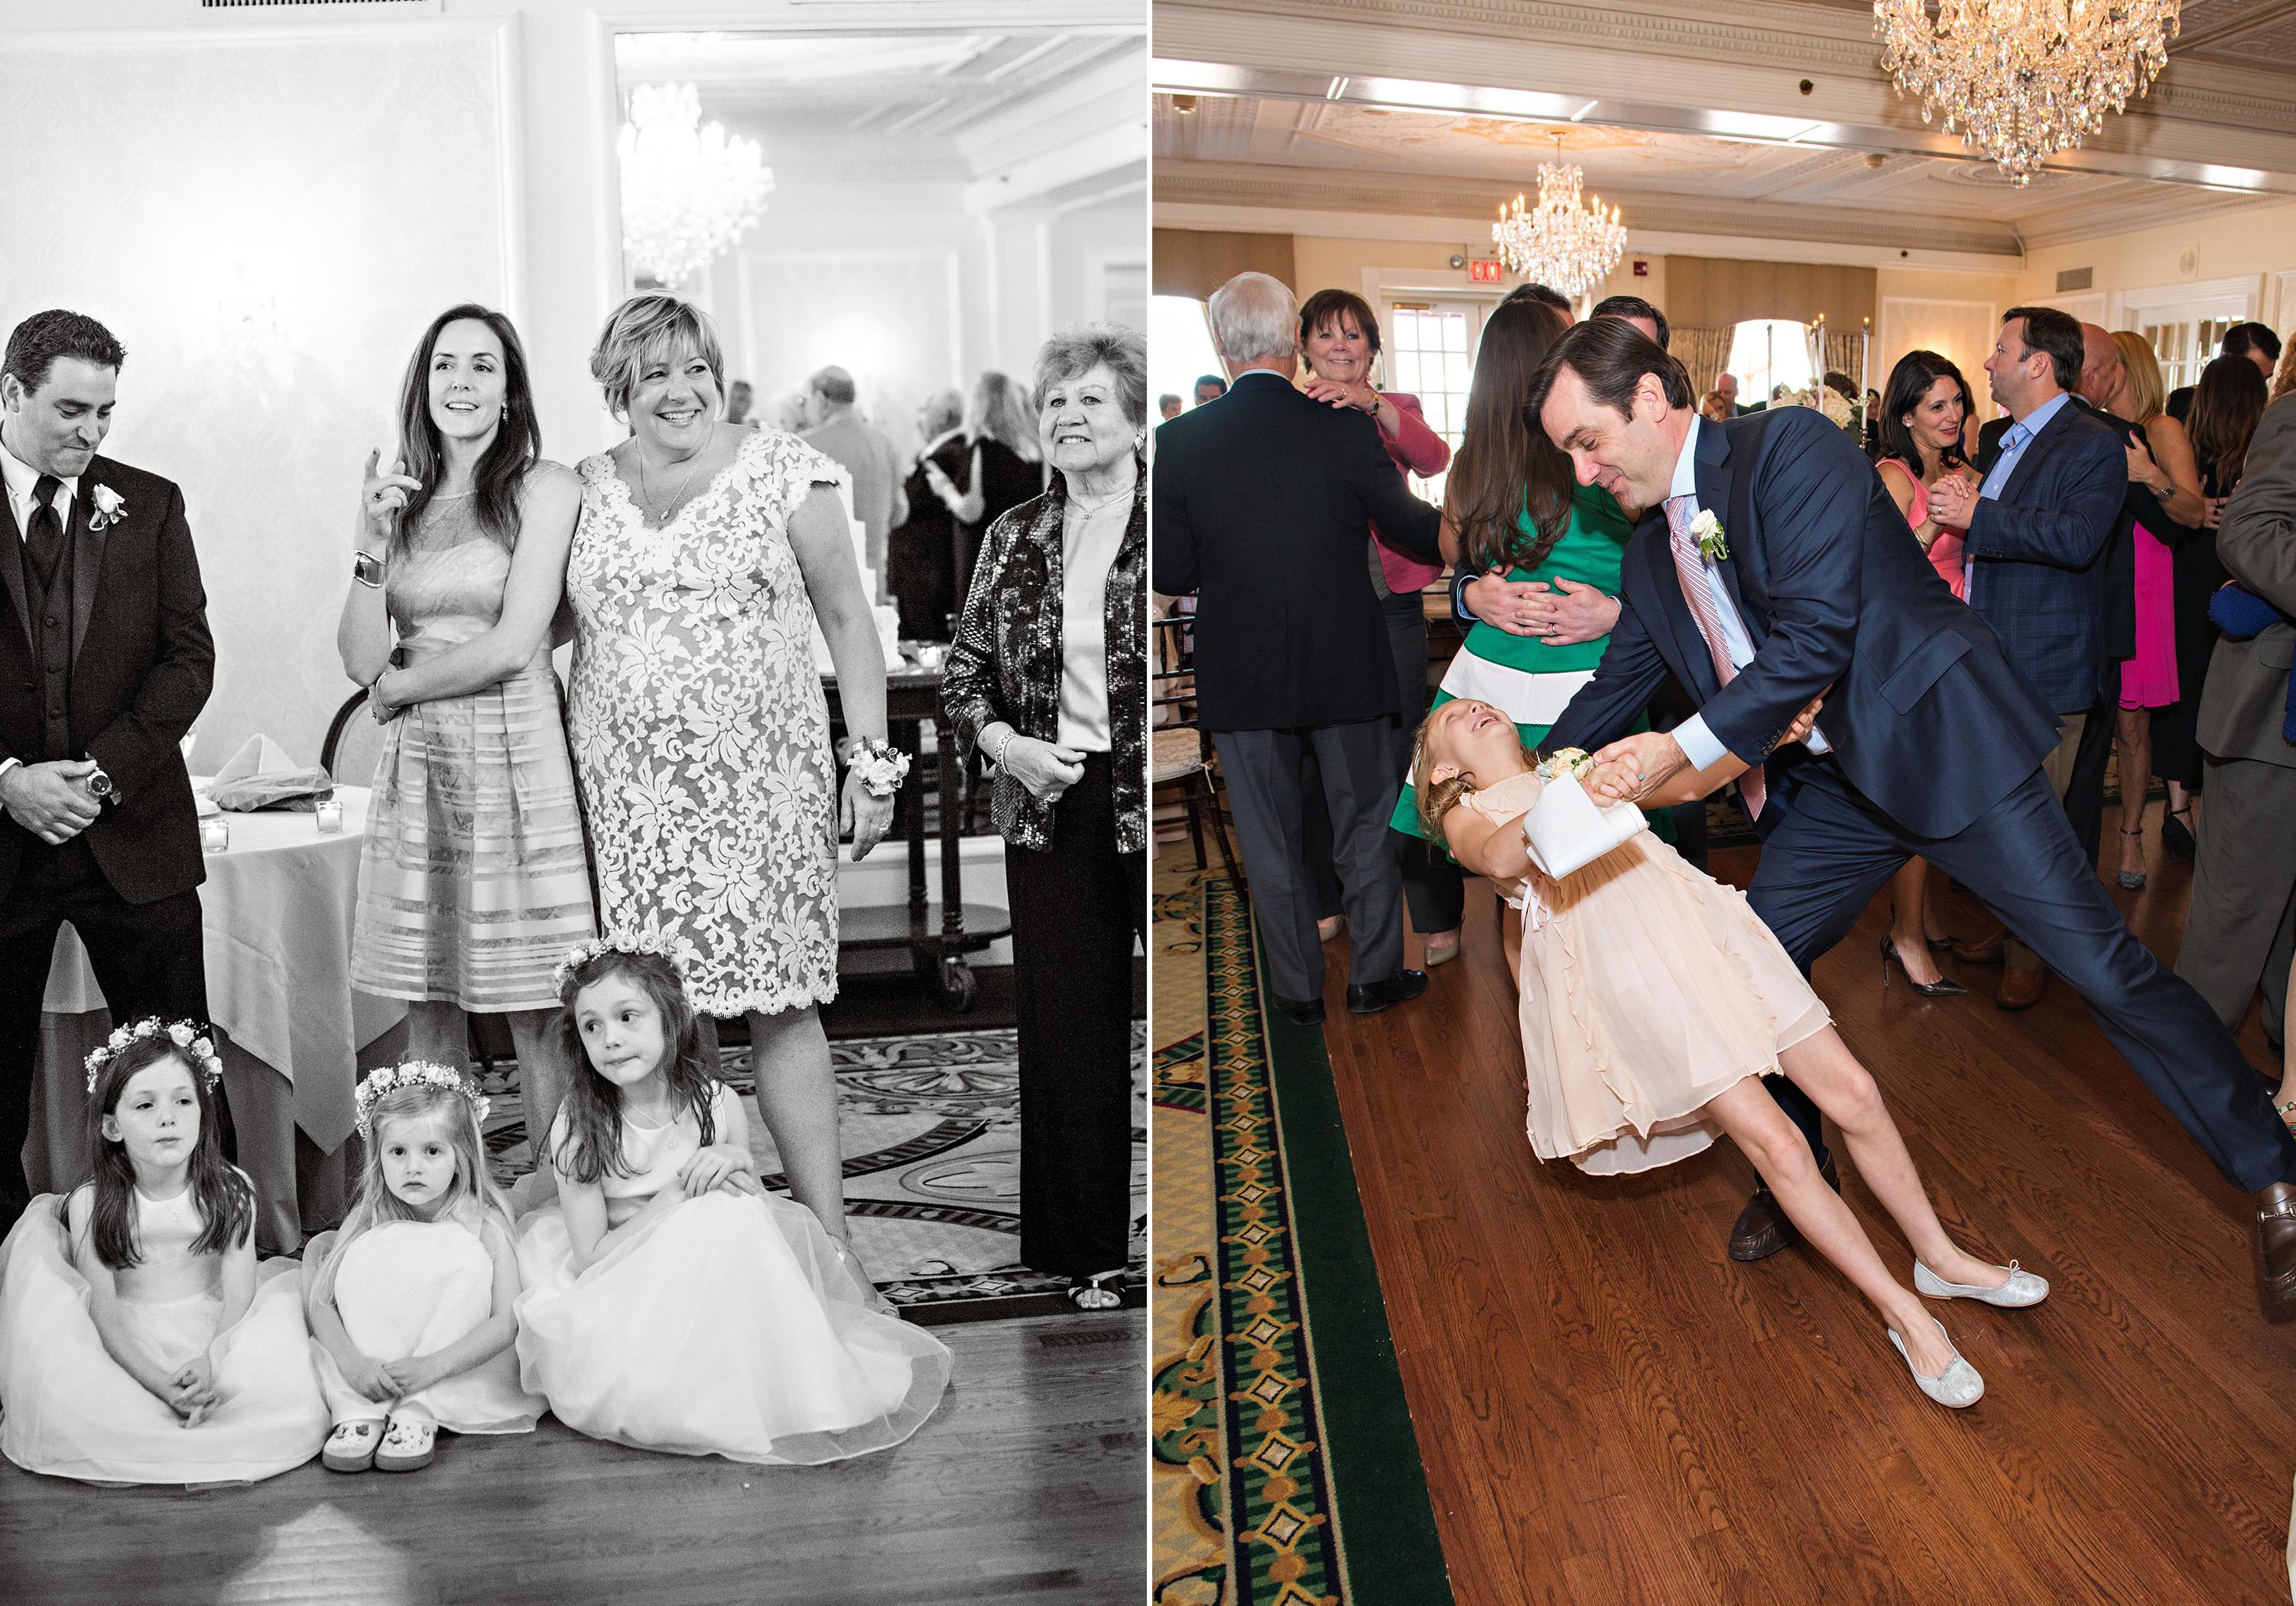 44-Sara Stadtmiller-SRS-Photography-Asbury-Park-Wedding-Photographer-Monmouth-County-Wedding-Photographer-NJ-Wedding-Photographer-Molly-Pitcher-Inn-Wedding